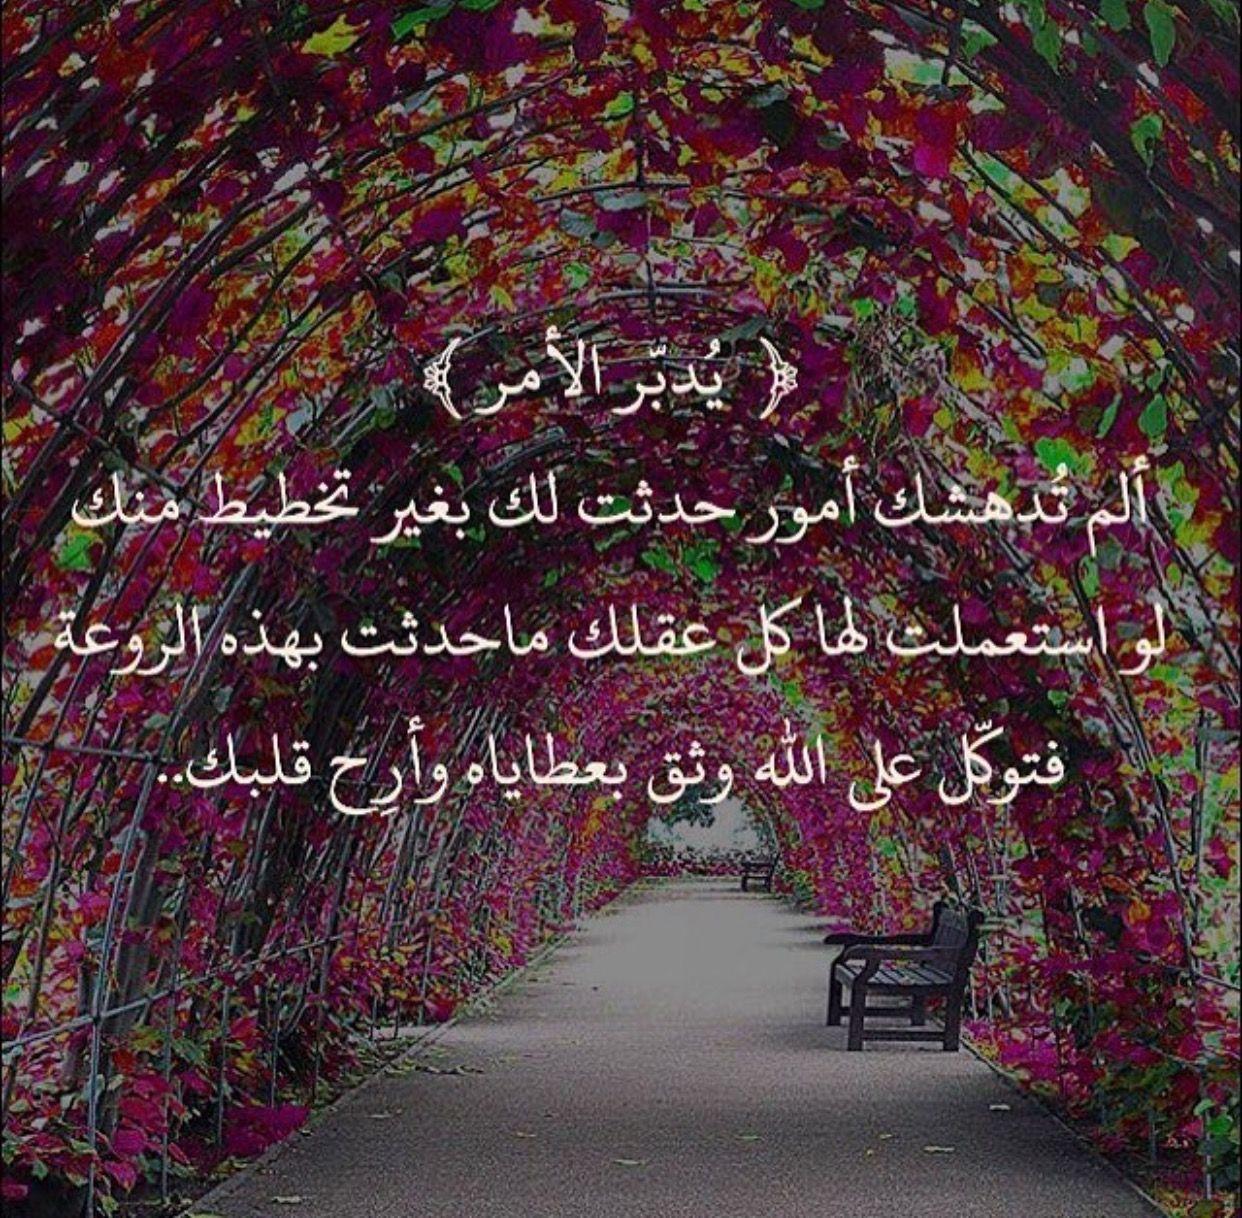 ارح قلبك فرب العباد بجانبك يسمع ويجيب Cool Words Holy Quran Islam